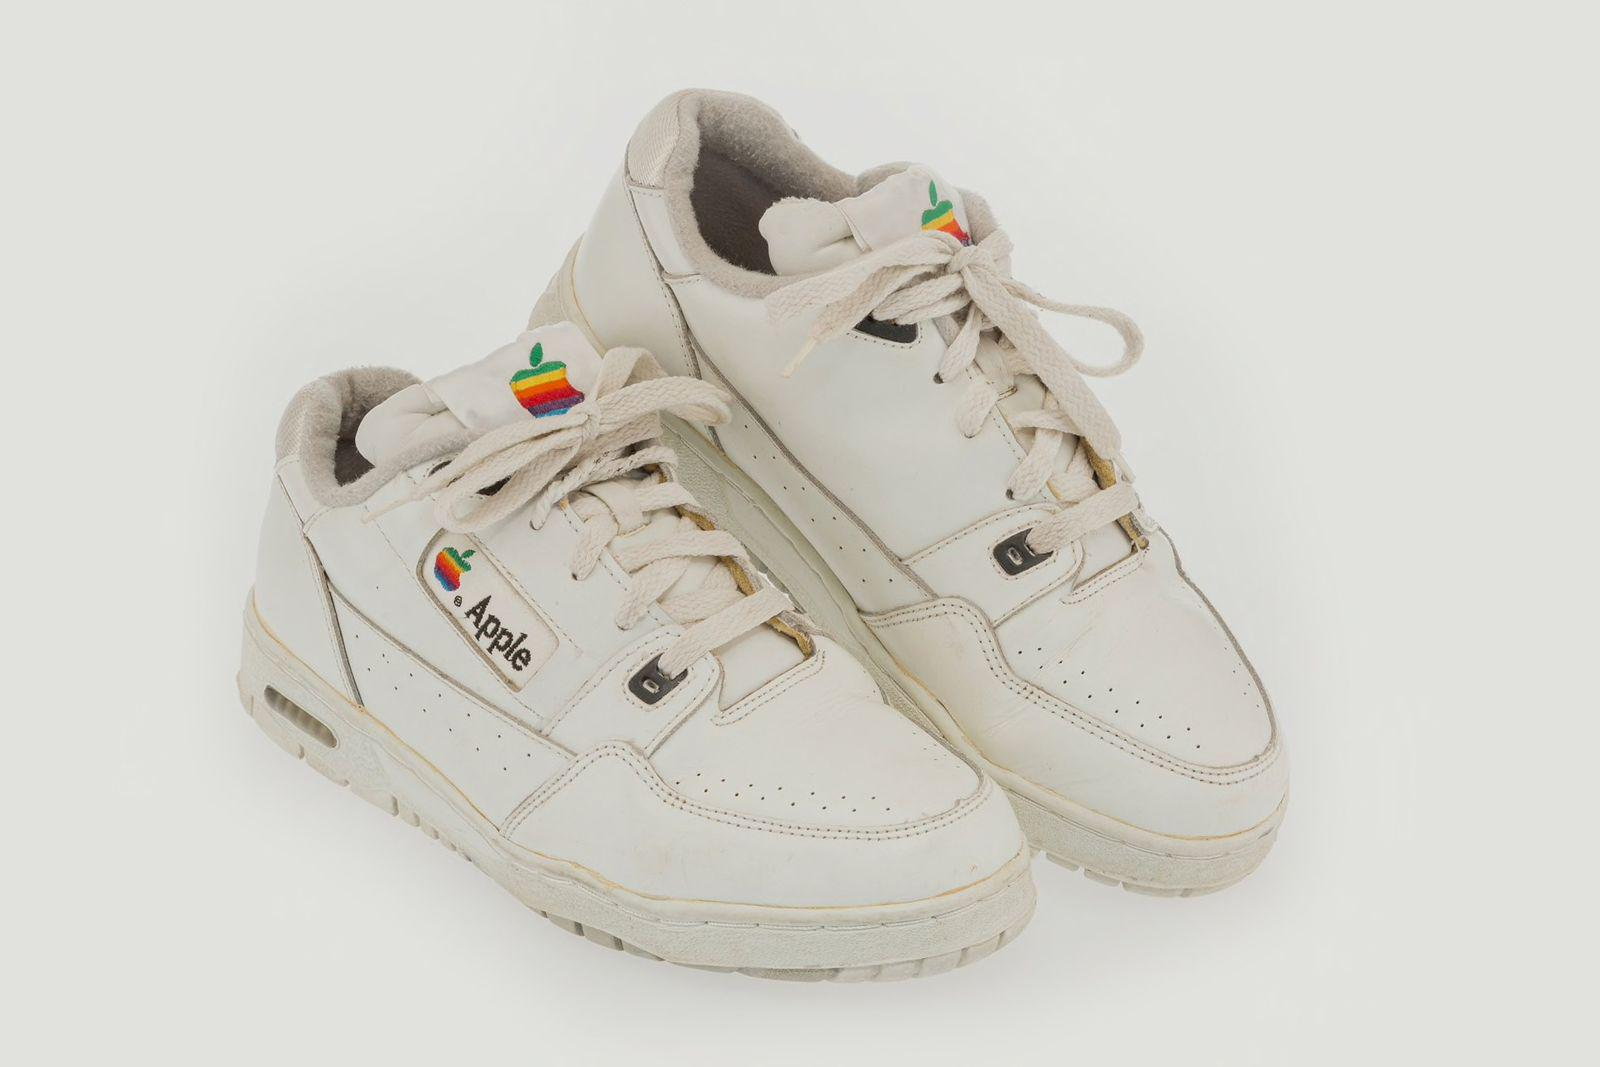 一双罕见的苹果运动鞋以近1万美元售出